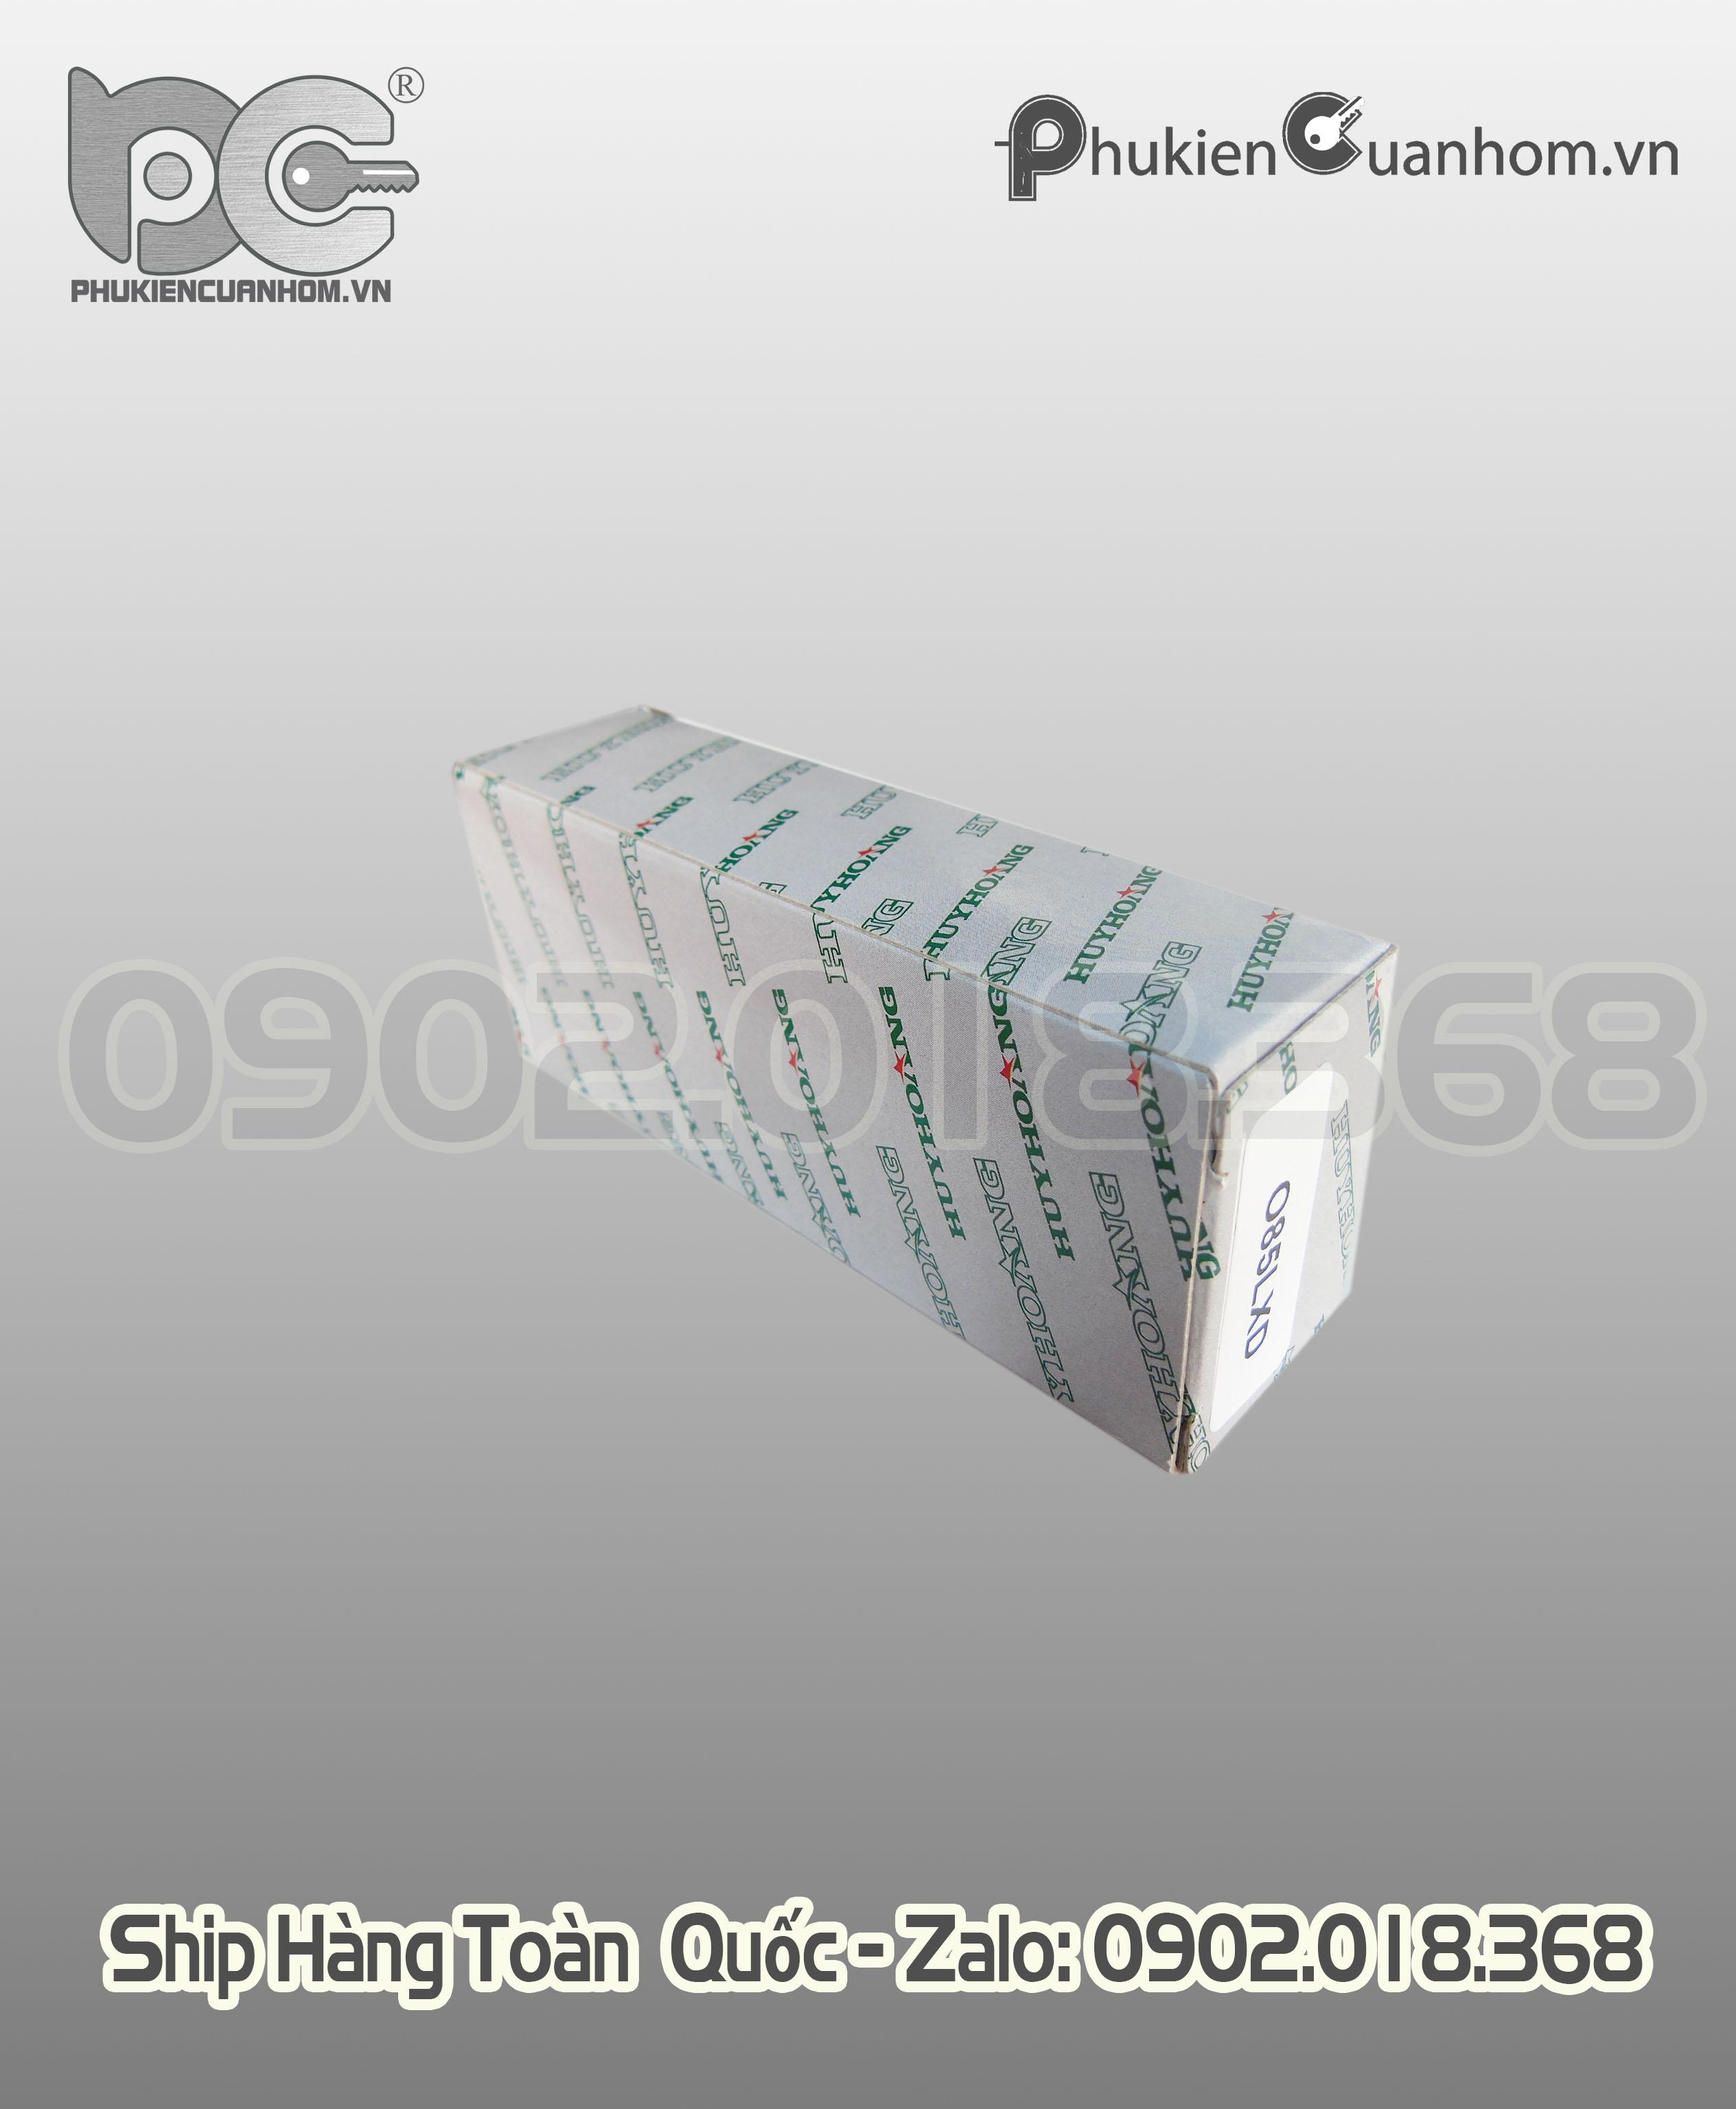 Lõi khoá Xingfa 1 đầu chìa mở trong hiệu Huy Hoàng - KIL3247T